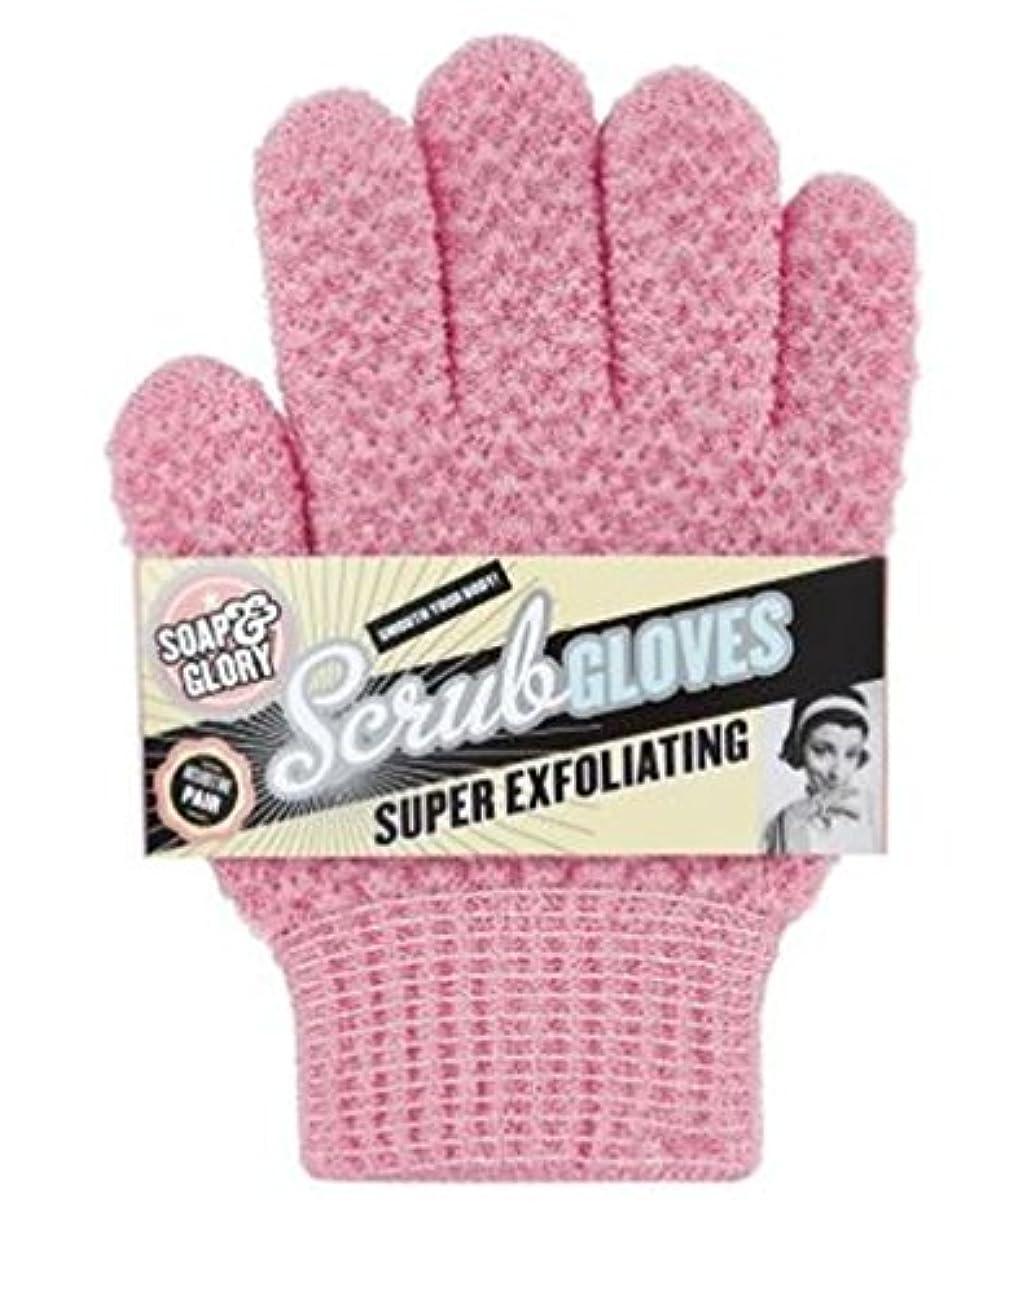 出撃者効能フィードオンSoap & Glory? Exfoliating Scrub Gloves - スクラブ手袋を剥離石鹸&栄光? (Soap & Glory) [並行輸入品]